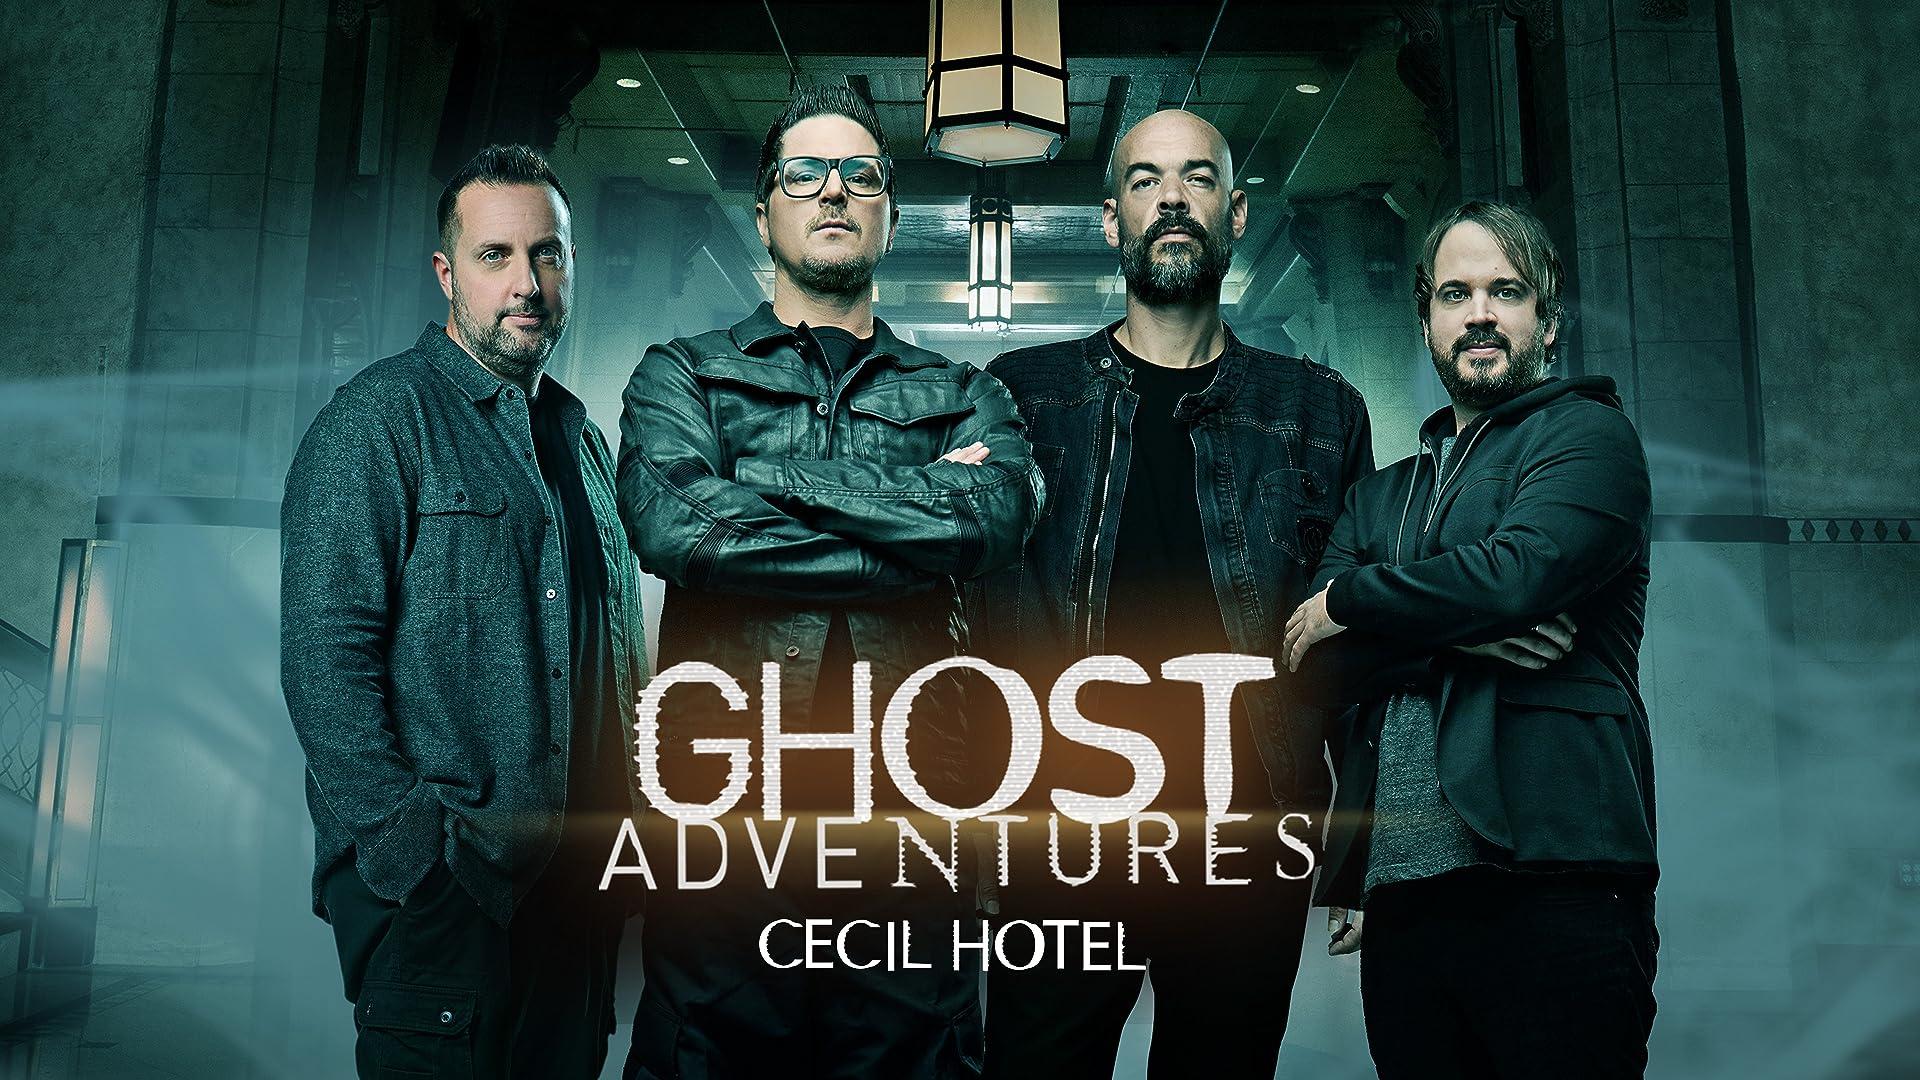 Ghost Adventures: Cecil Hotel - Season 1